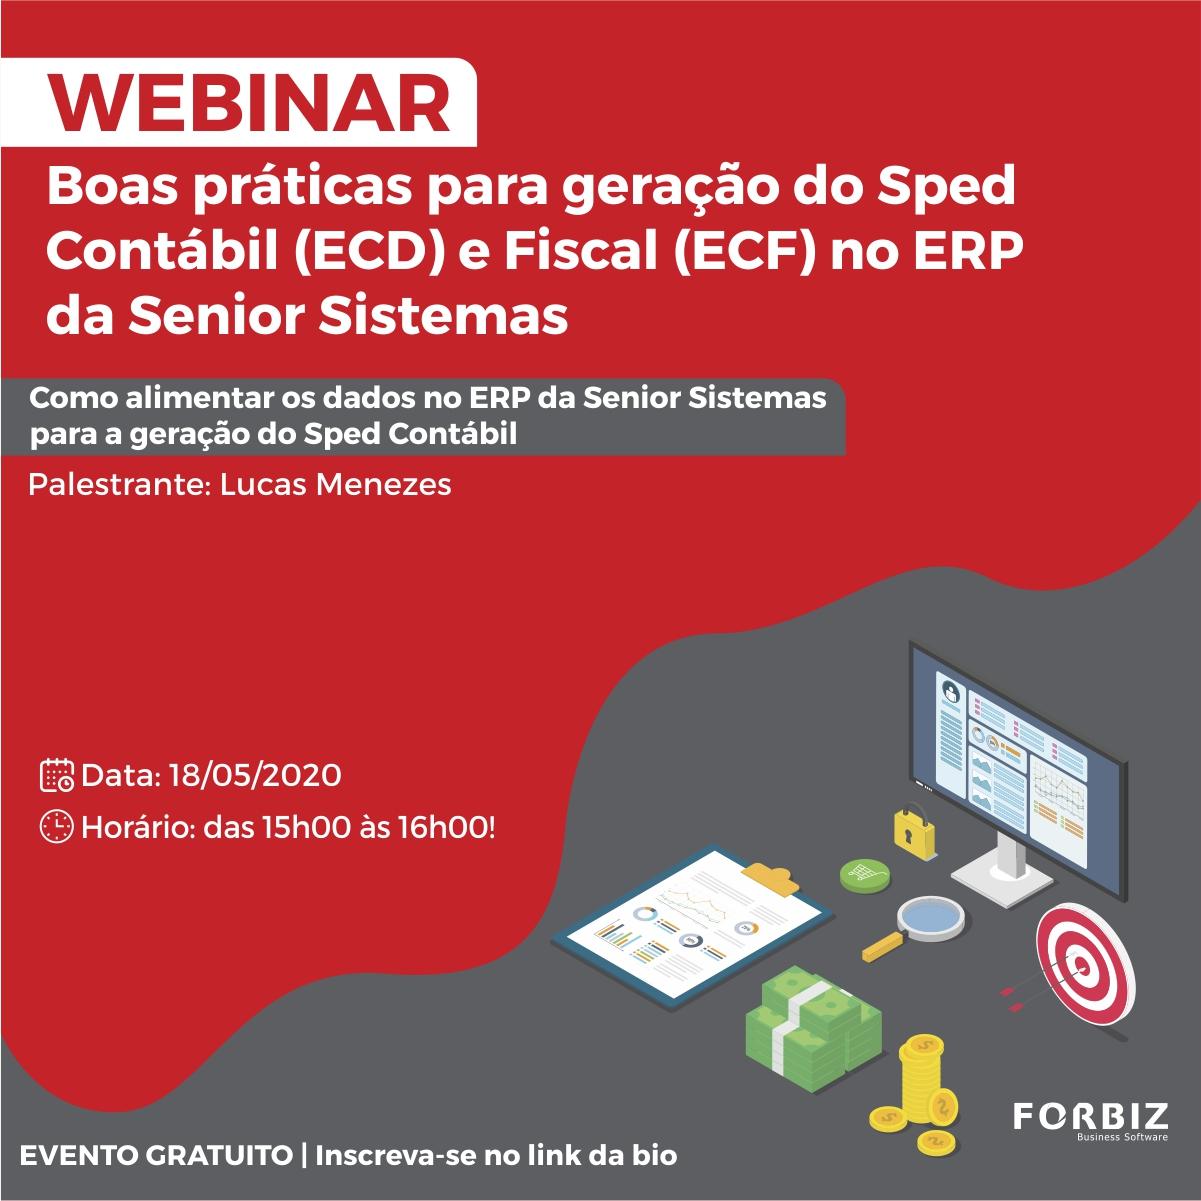 Boas práticas para geração do Sped Contábil (ECD) e Fiscal (ECF) no ERP da Senior Sistemas